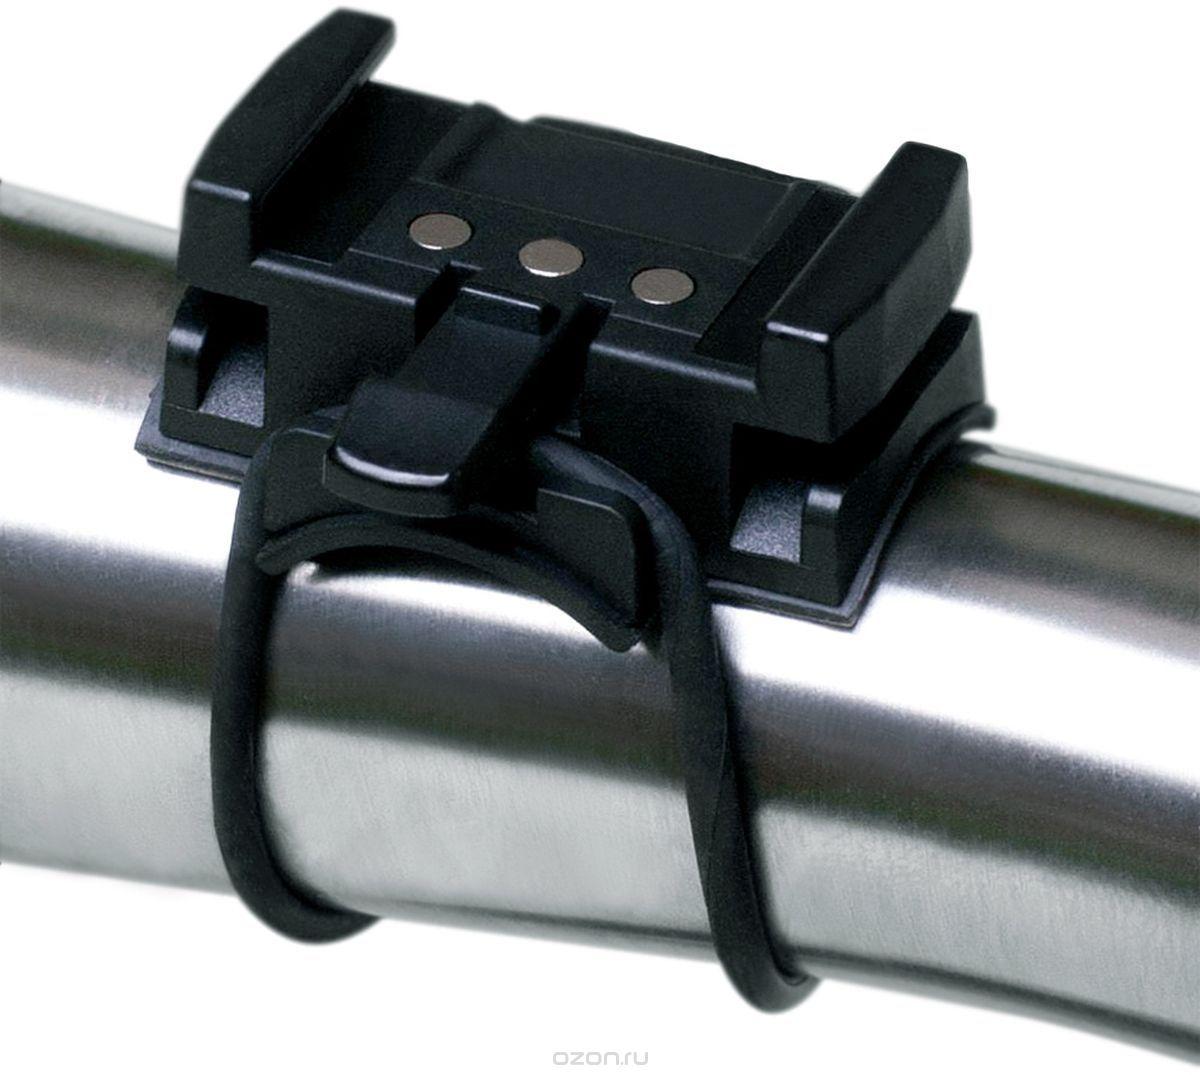 Велокомпьютер Echowell U13 W 13 функций черный